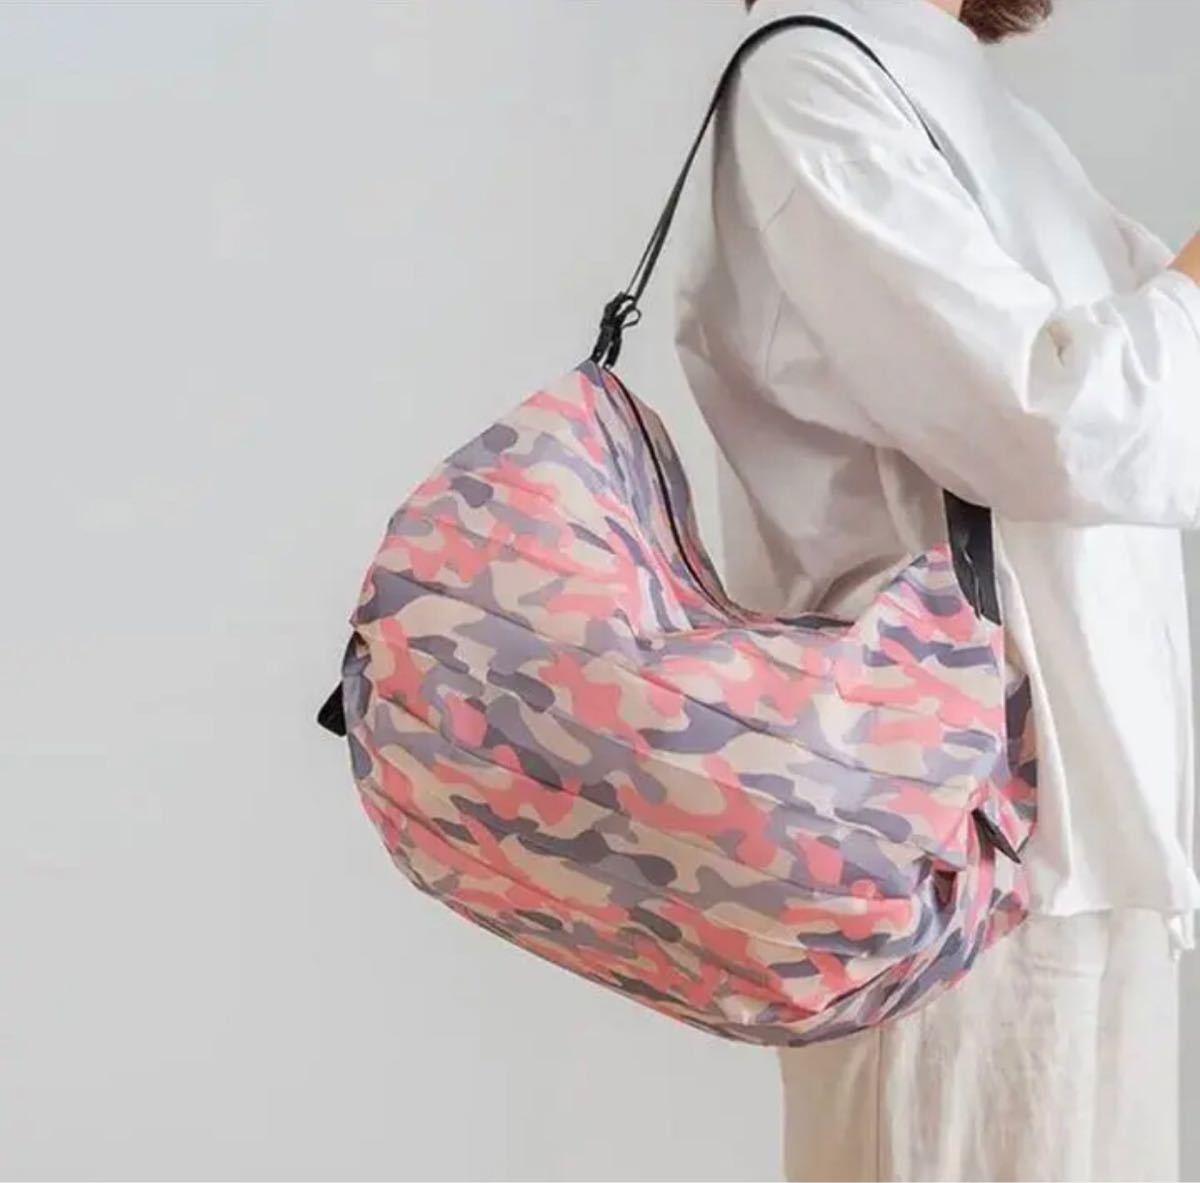 シュパット風 エコバッグ 買い物バッグ ショッピングバッグ